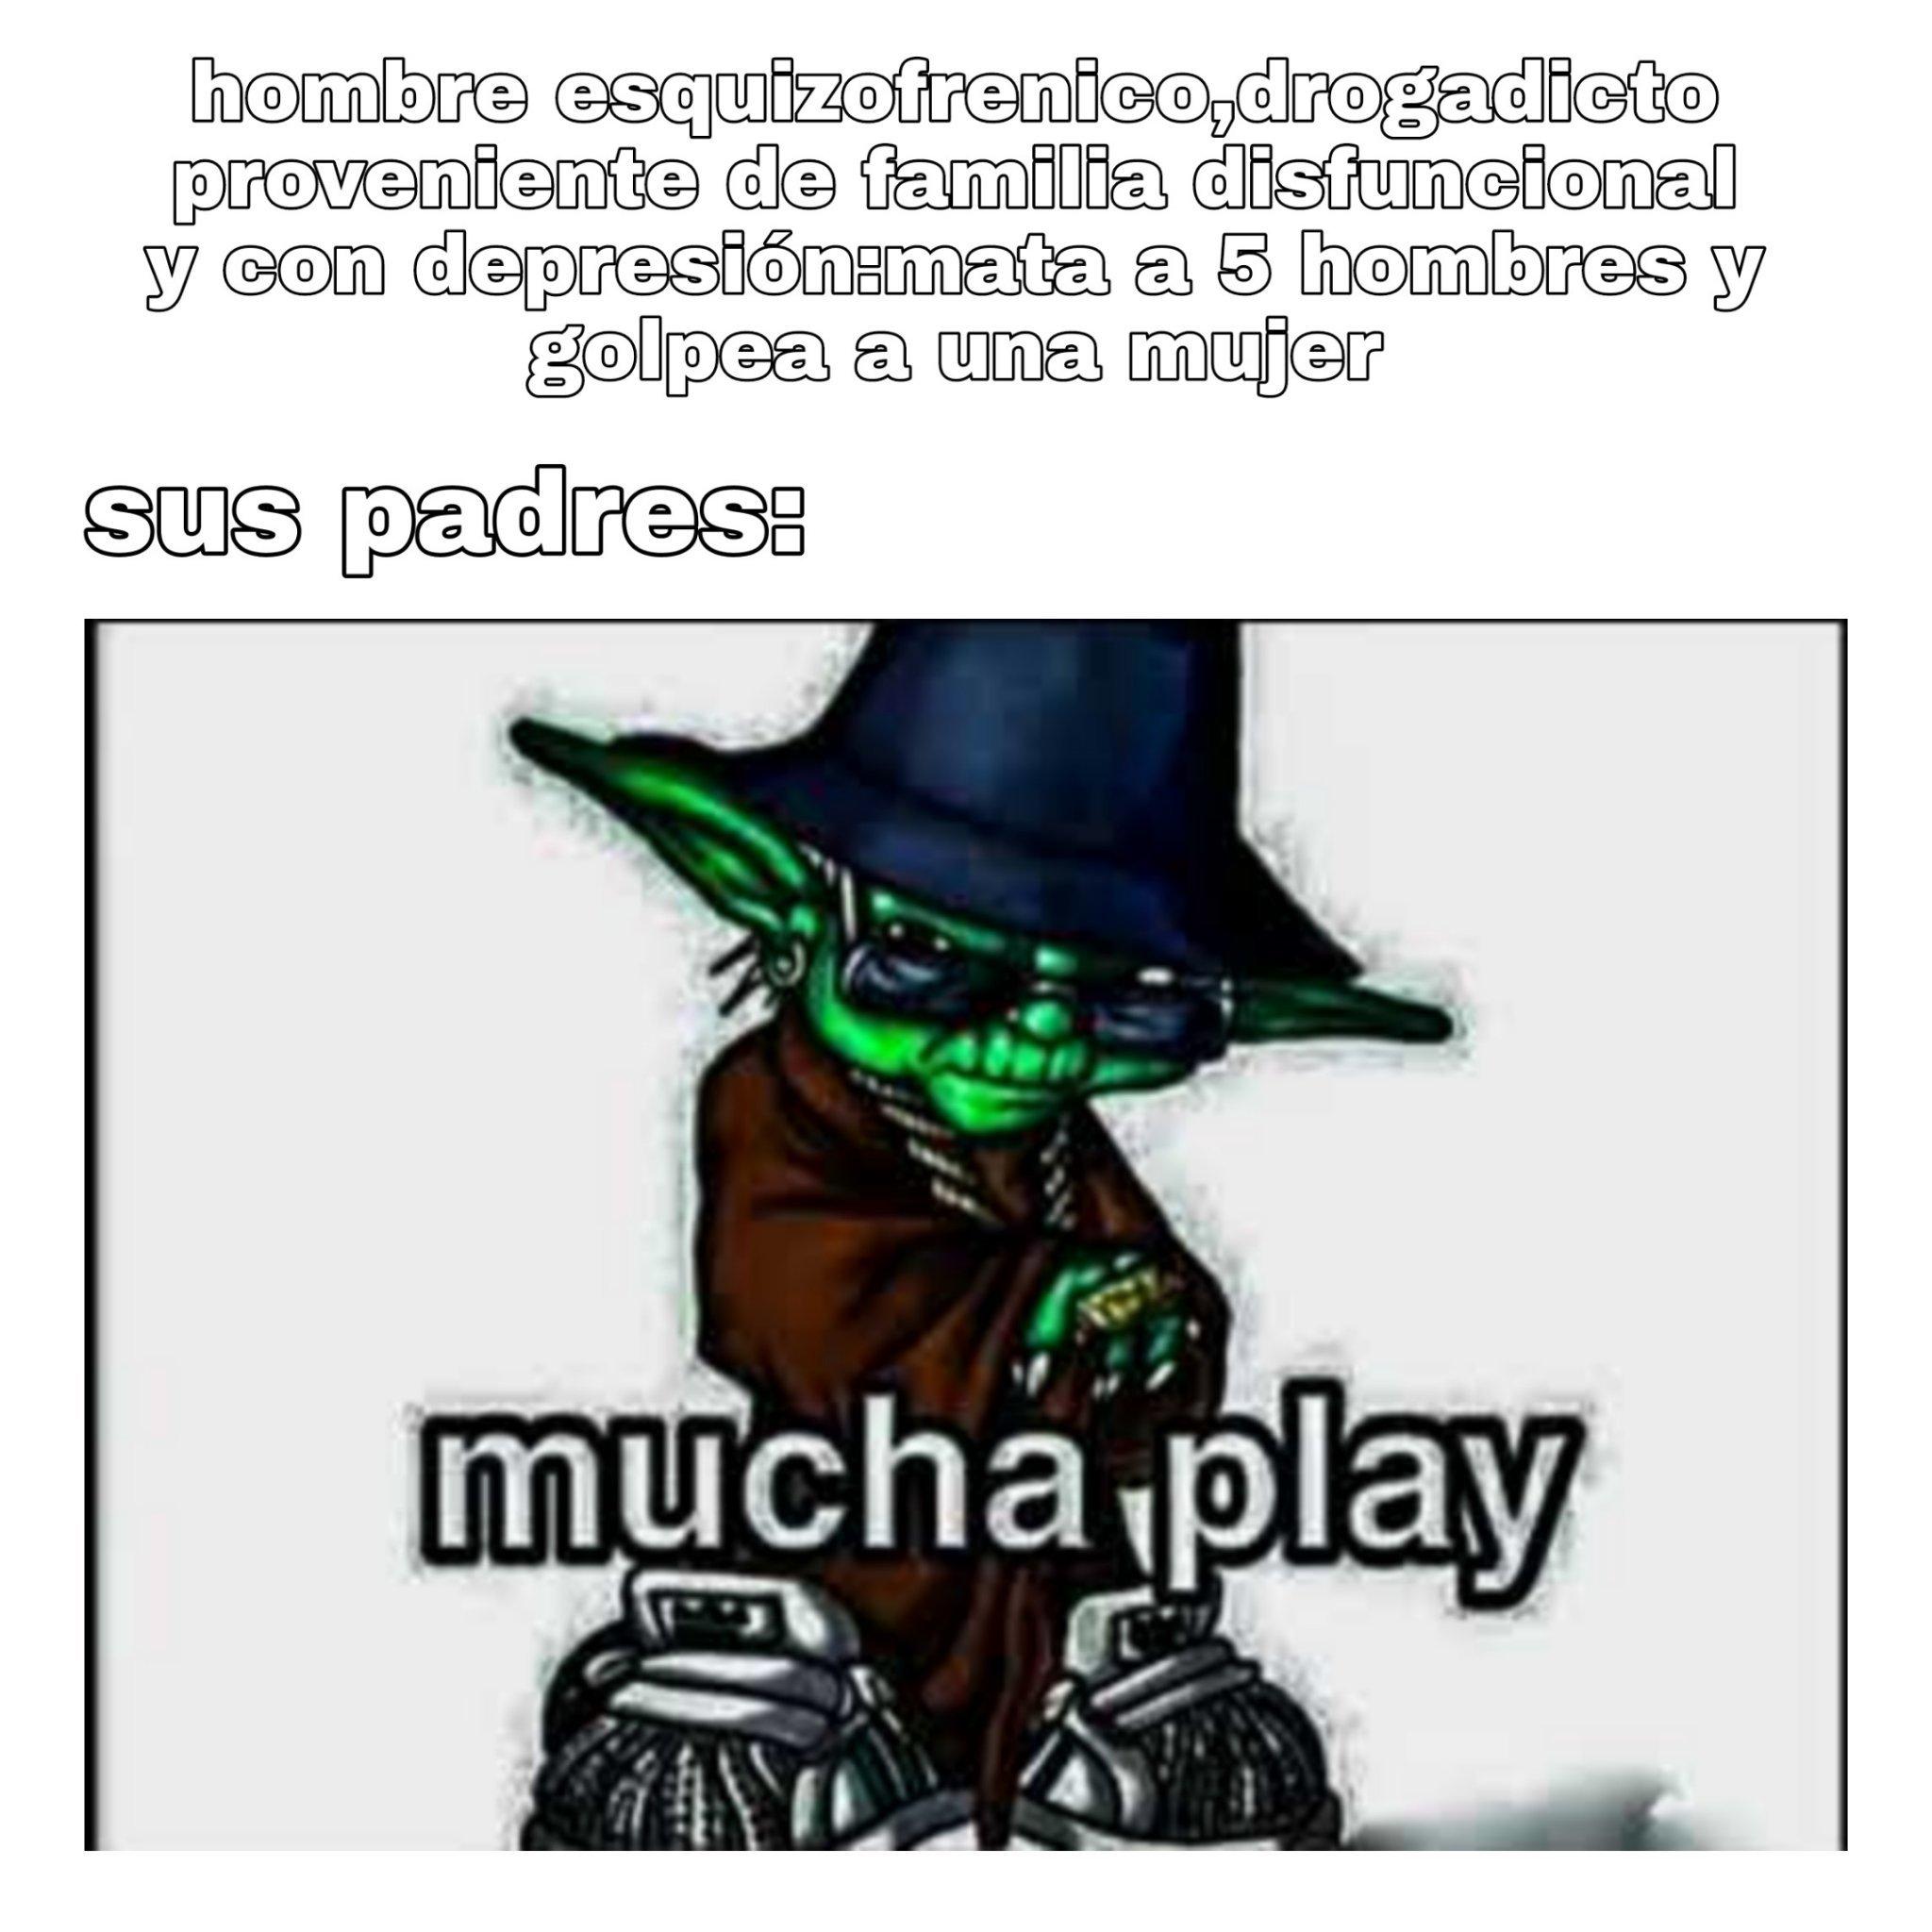 Mucha plei - meme